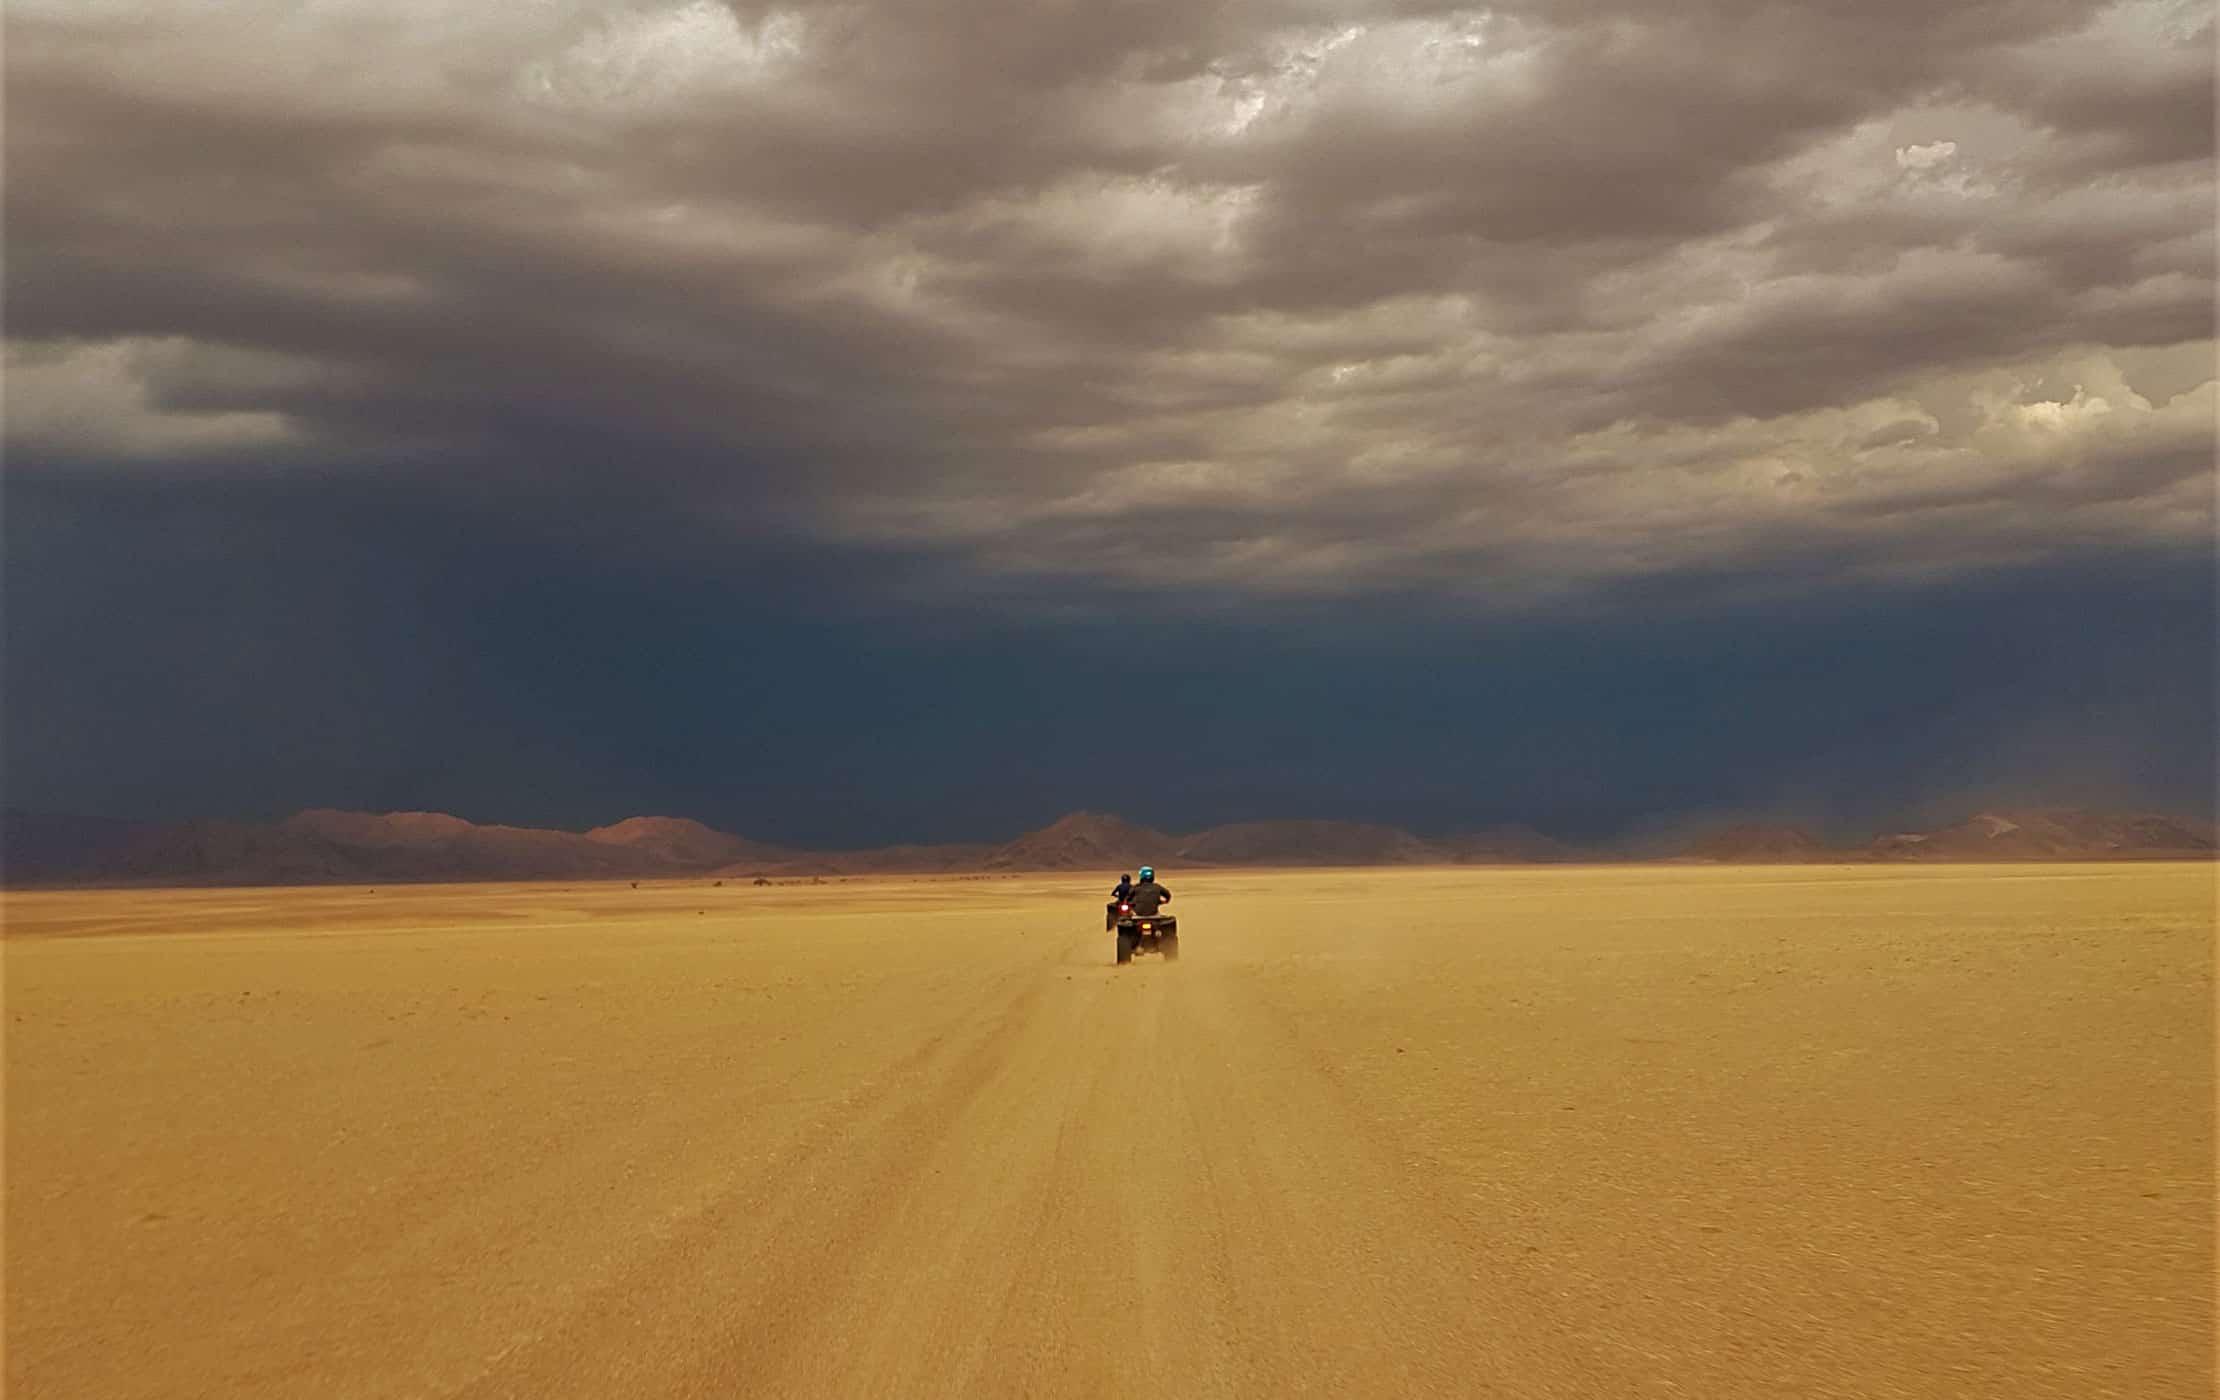 A car driving through the desert.